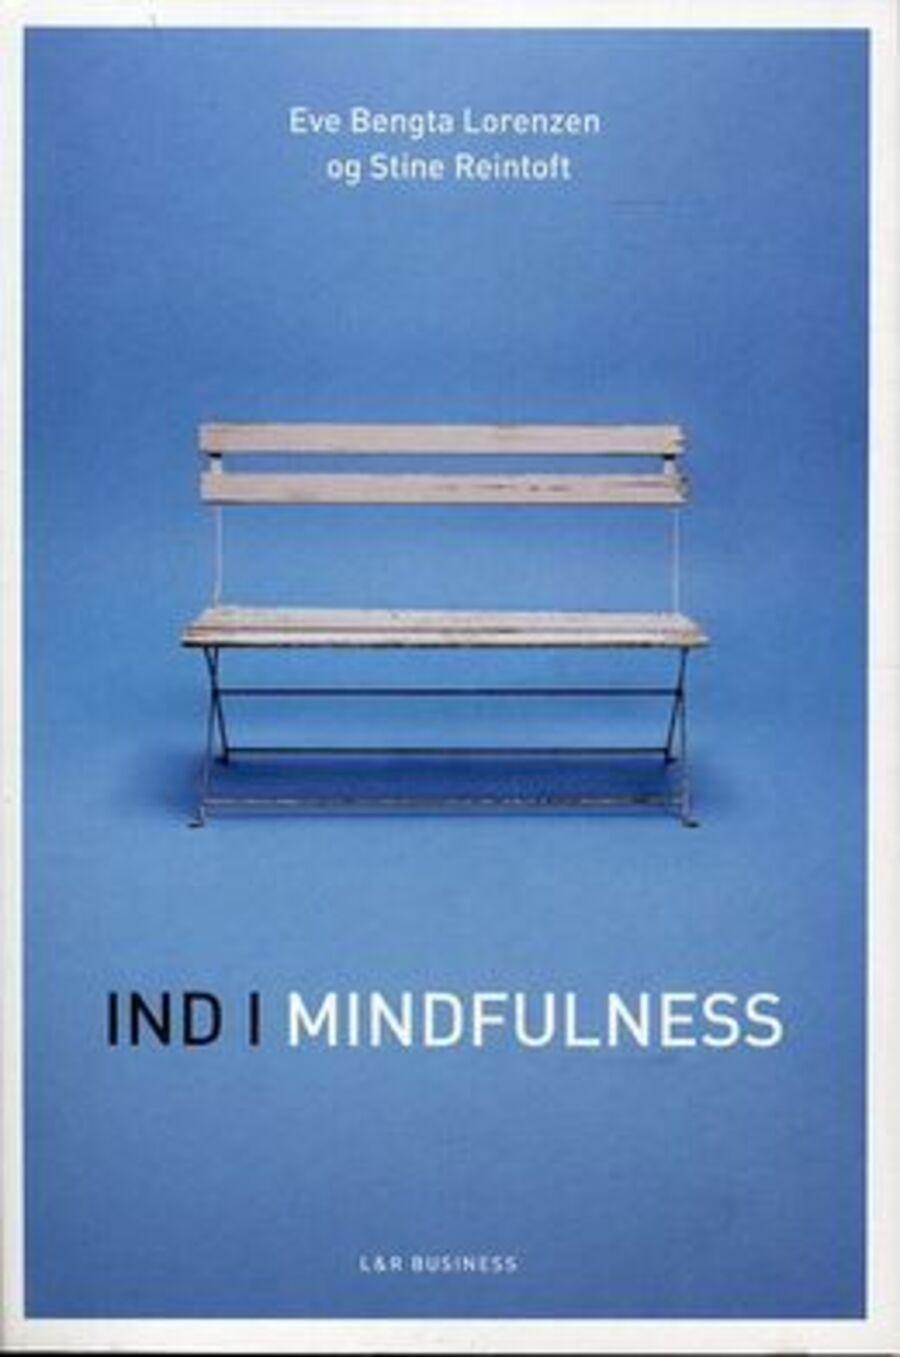 Forside på 'Ind i indfulness'